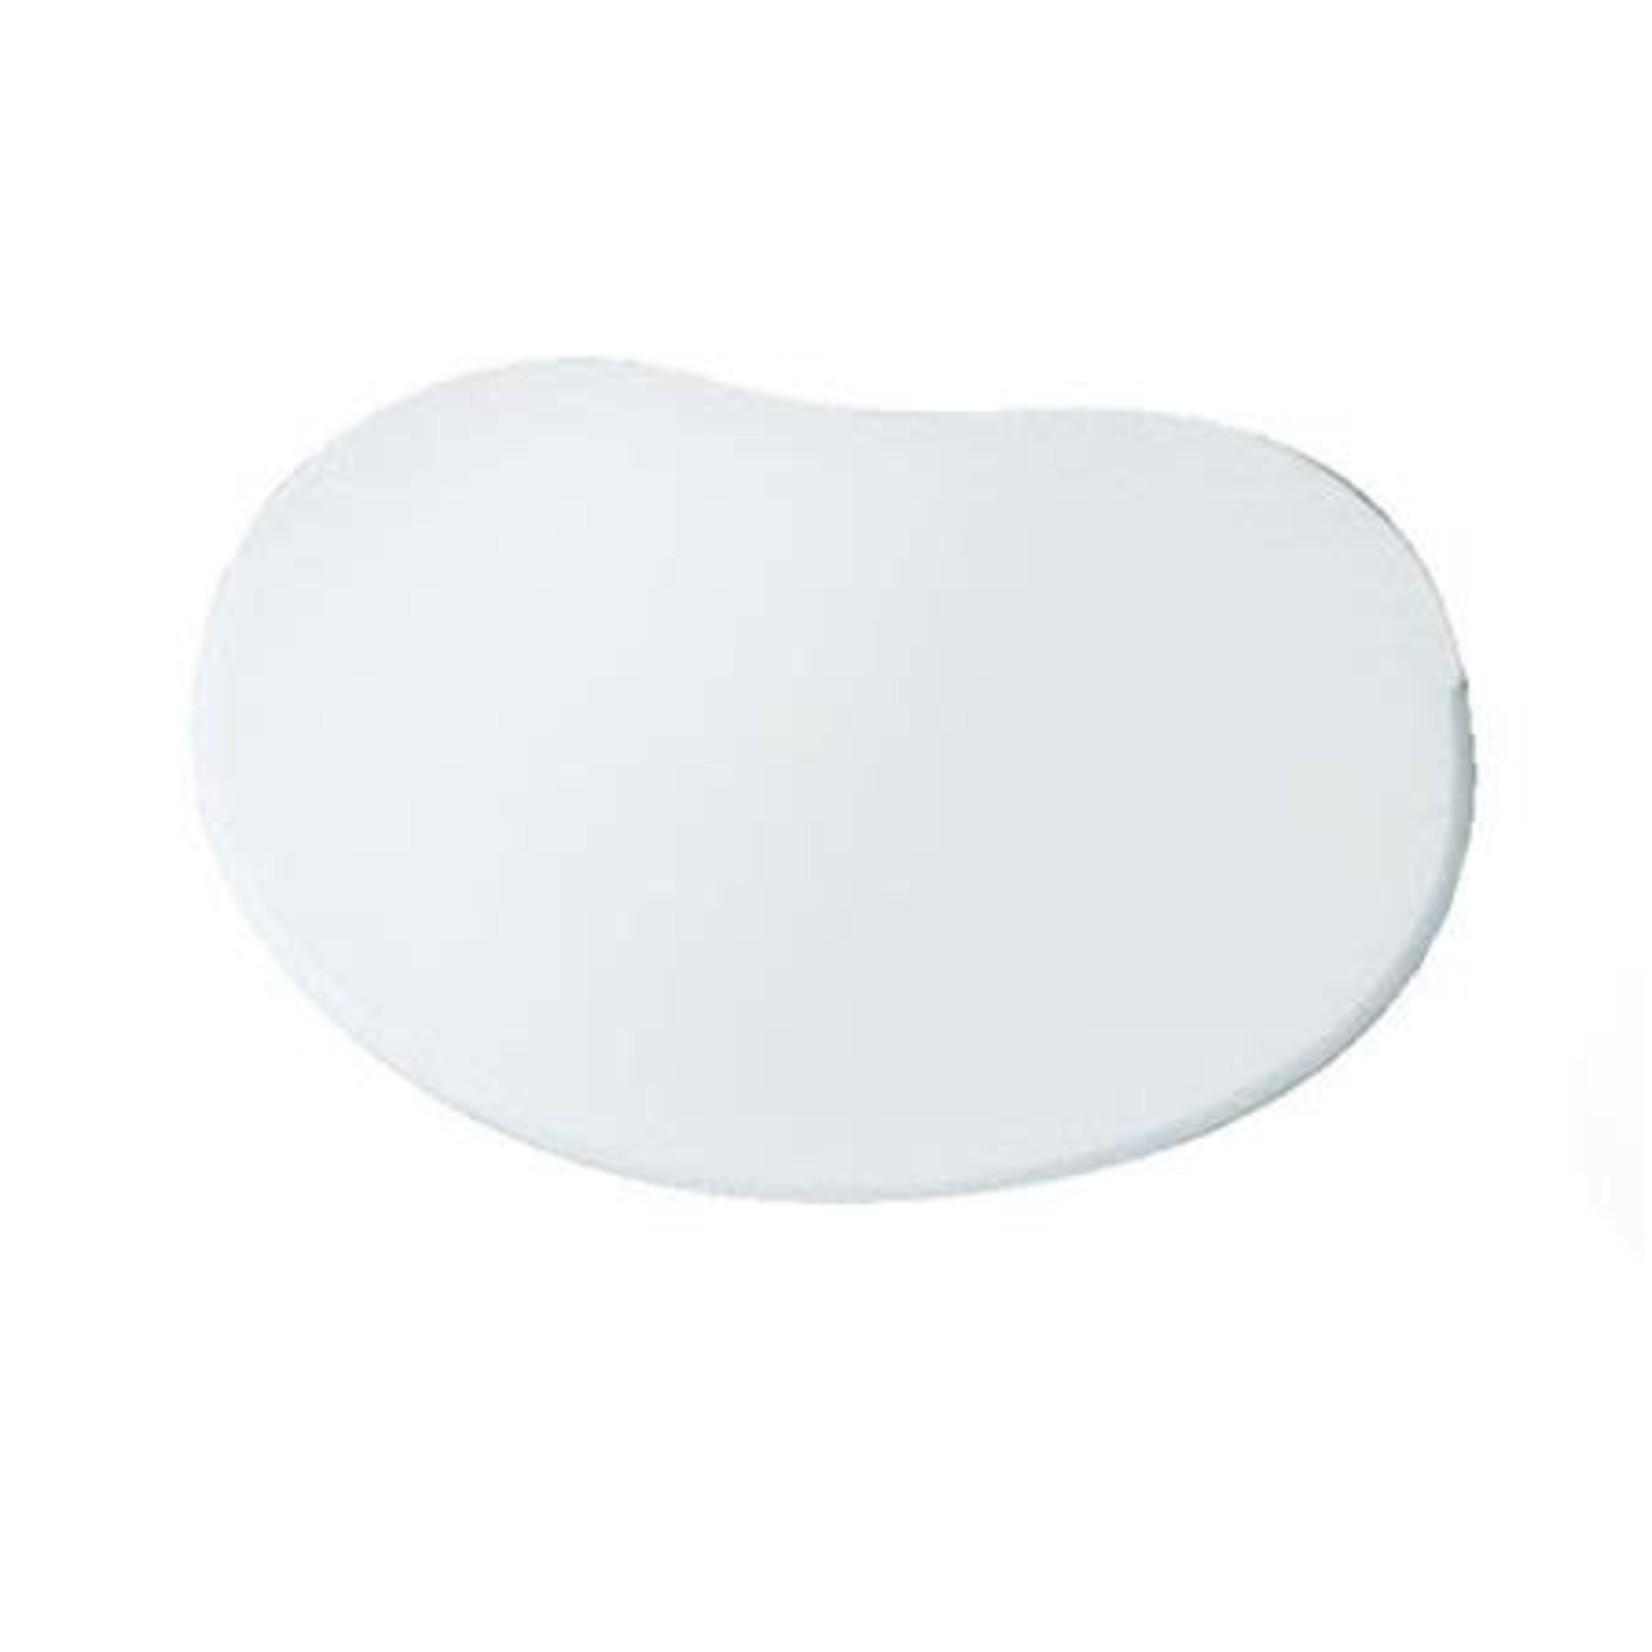 Martellato Deegschraper wit zacht 14x9cm